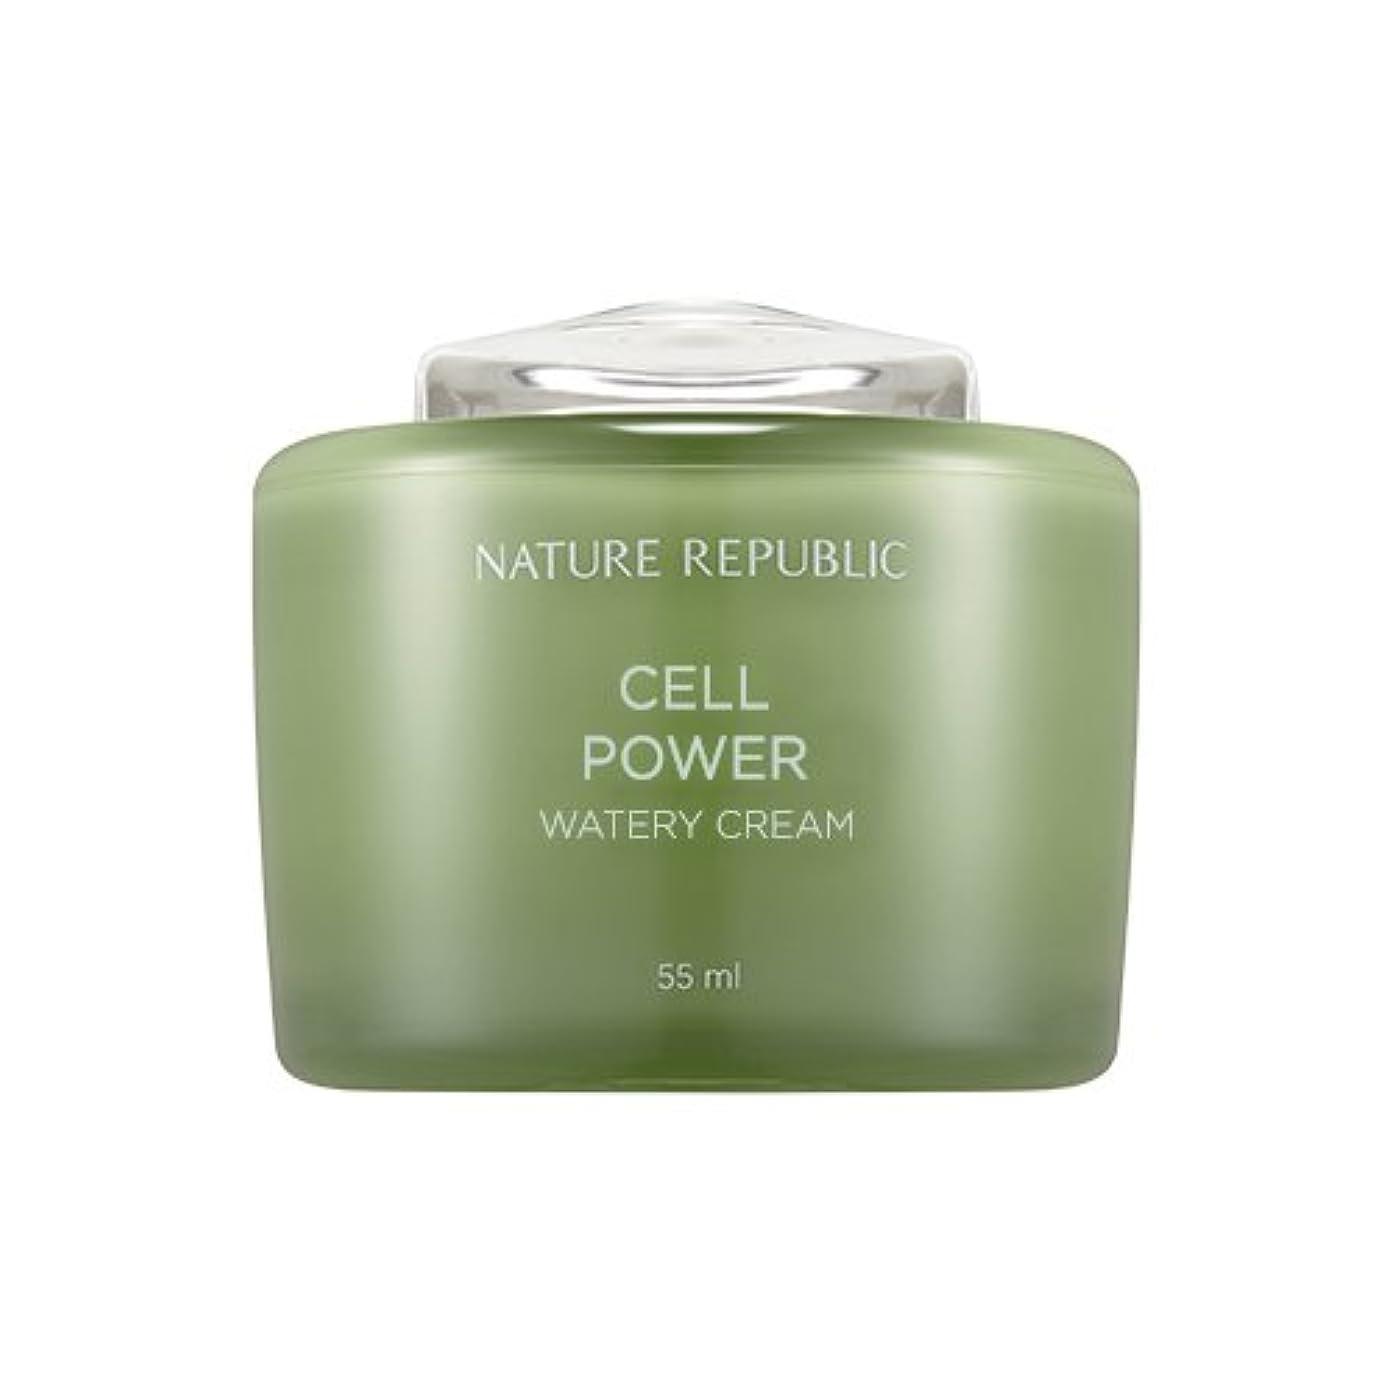 手がかり聴覚障害者改革Nature Republic Cell Boosting Watery Cream 55ml / ネイチャーリパブリックセルブースティングウォーターリークリーム 55ml [並行輸入品]